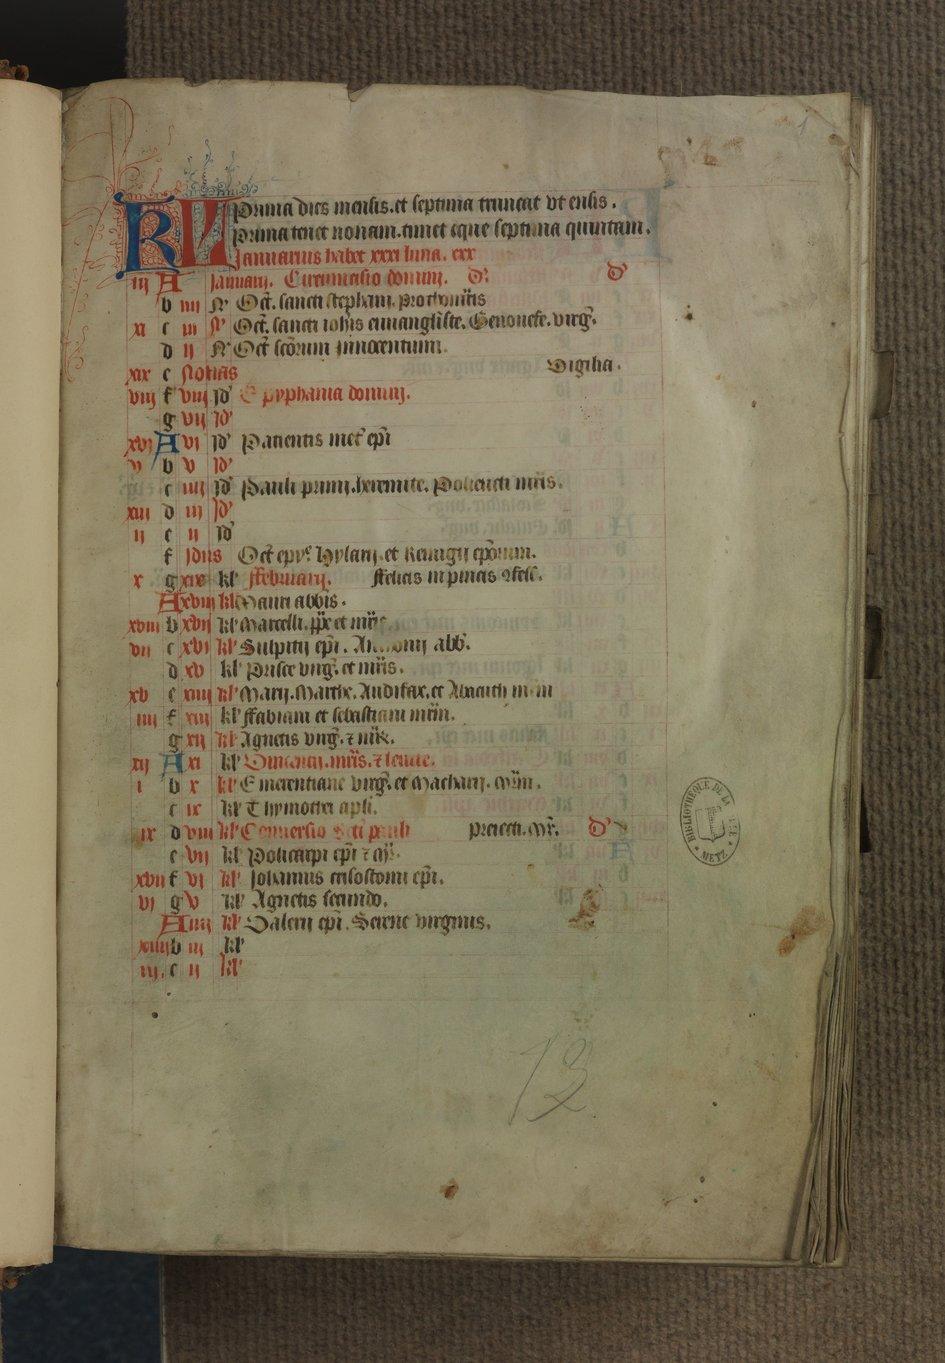 Contenu du Les manuscrits de la cathédrale de Metz